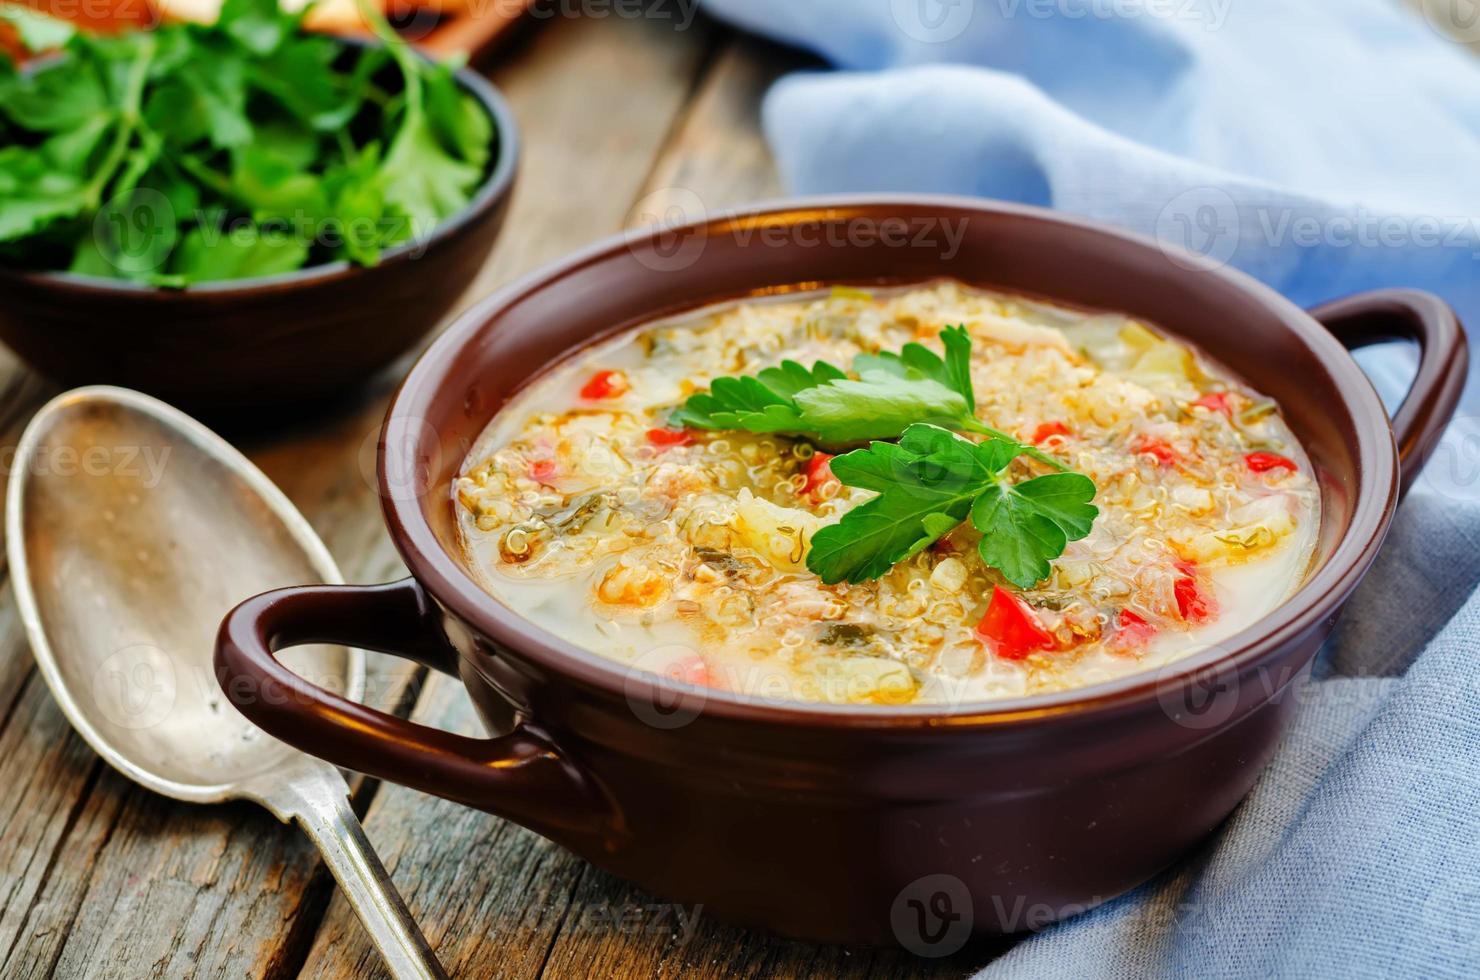 zuppa di latte con patate, quinoa e peperoni foto